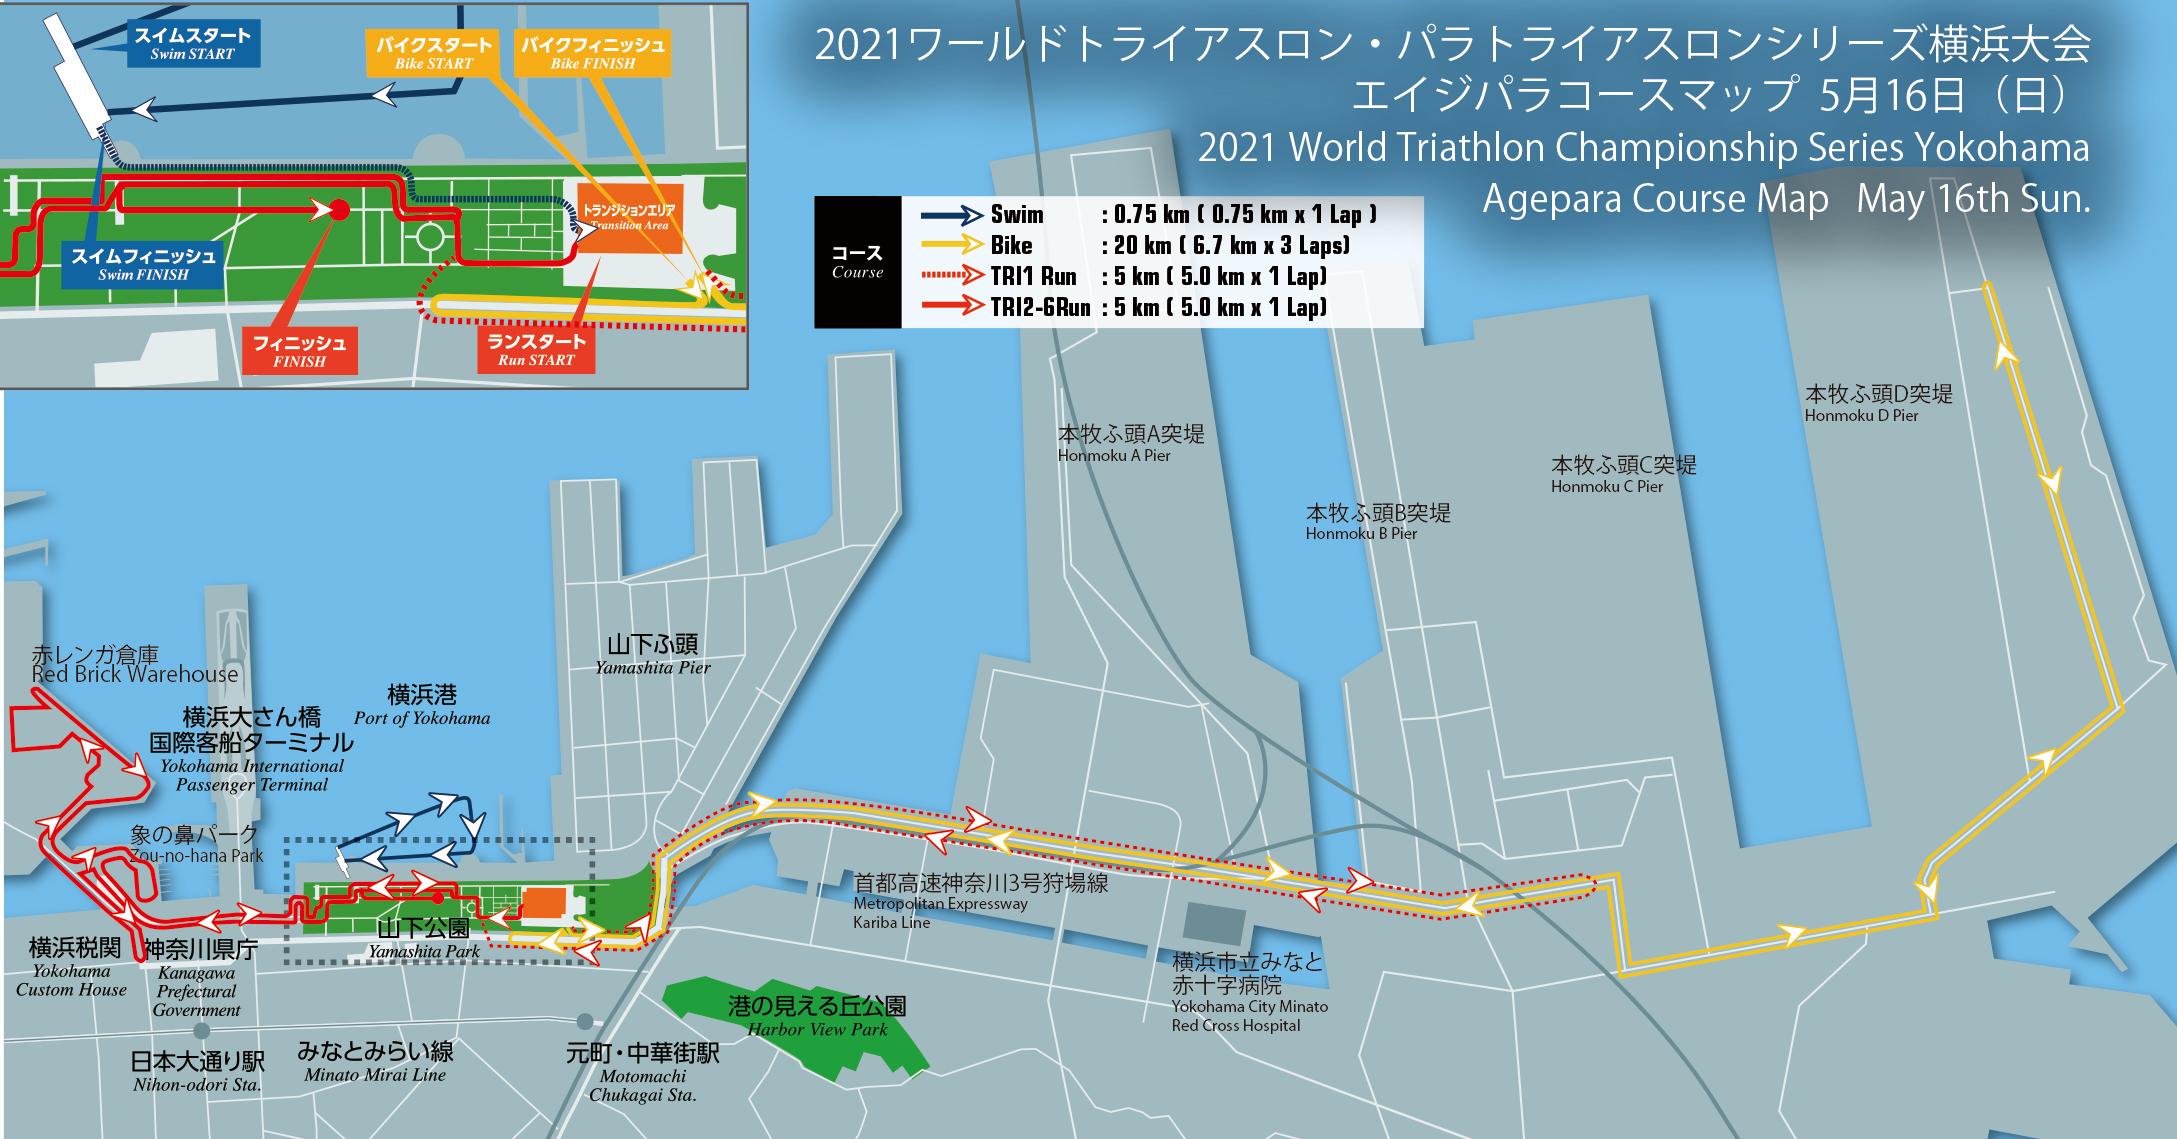 コースマップ(エイジパラトライアスロン)